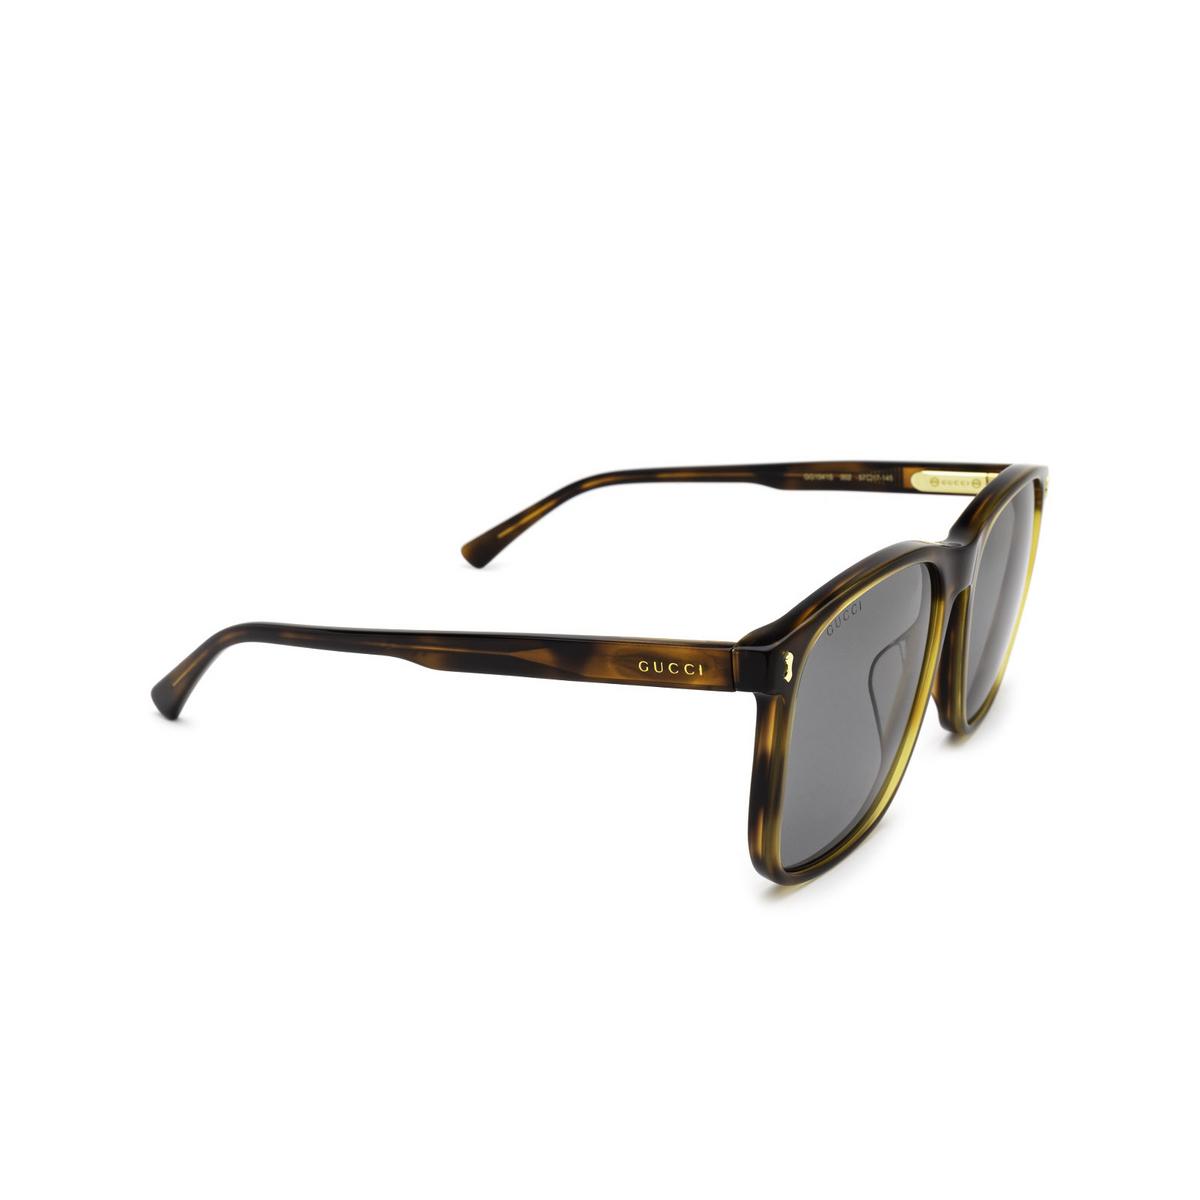 Gucci® Square Sunglasses: GG1041S color Havana 002 - three-quarters view.